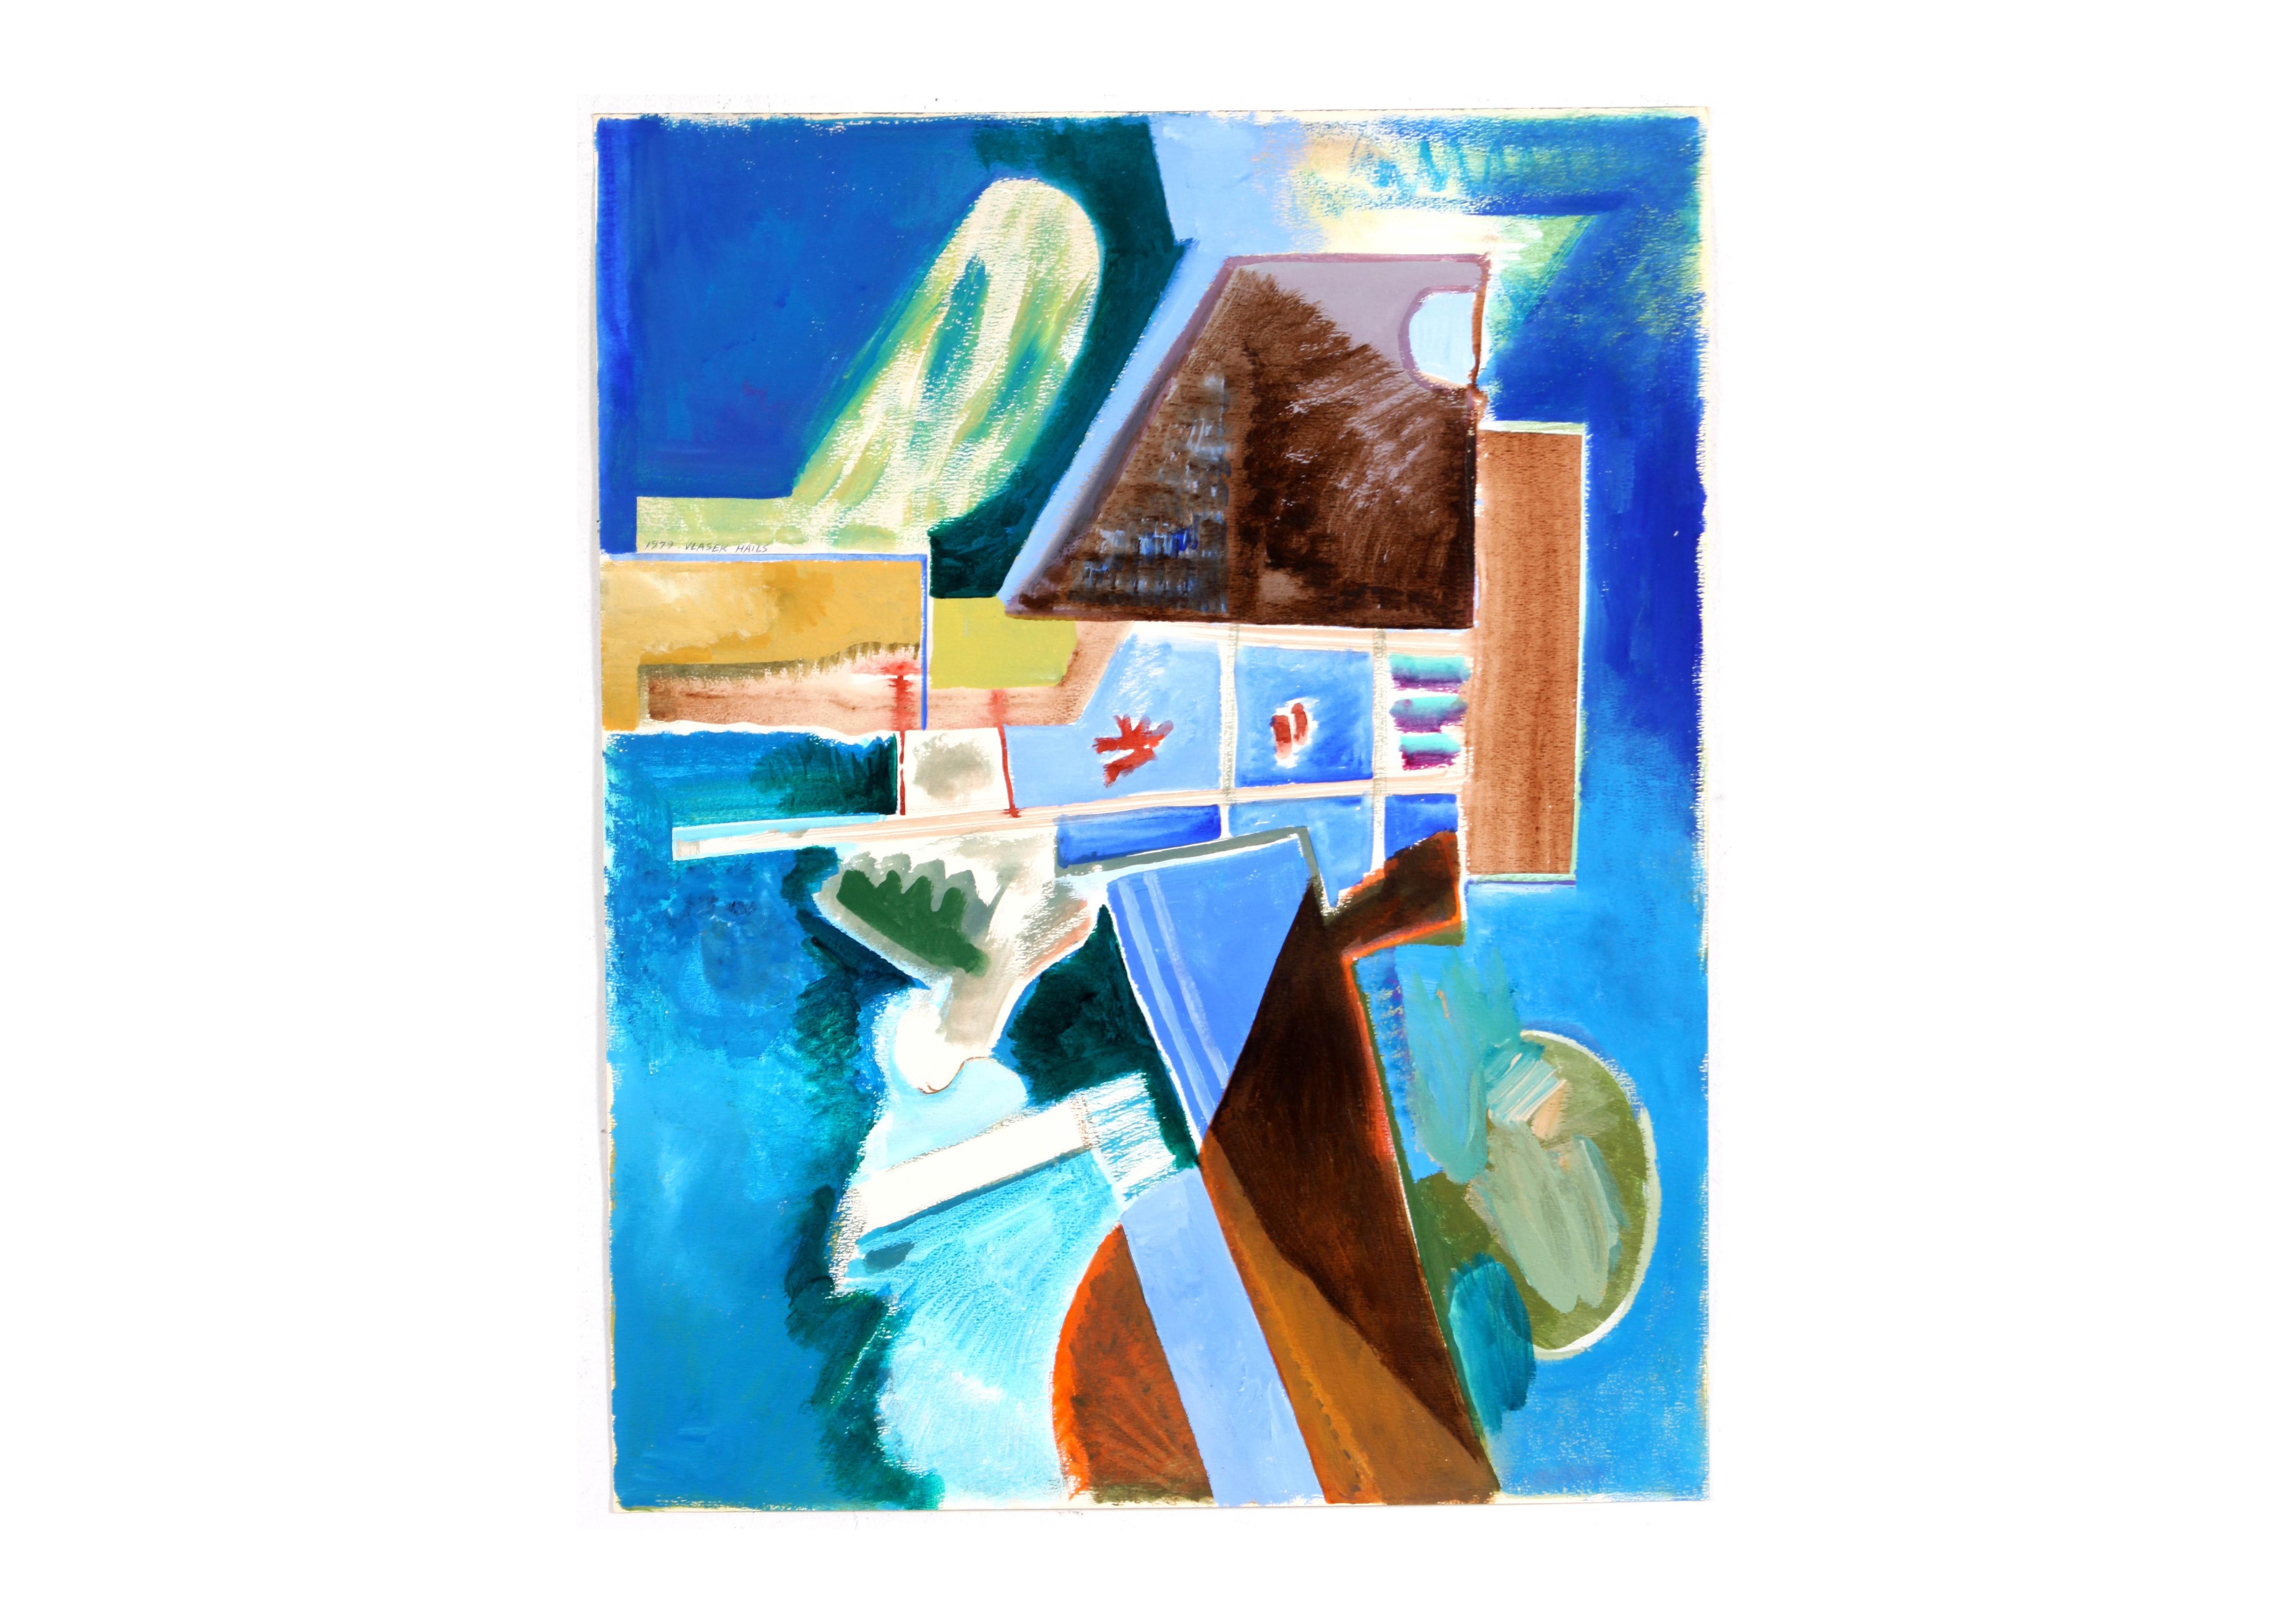 Original Abstract Acrylic Painting by Doris Vlasek-Hails